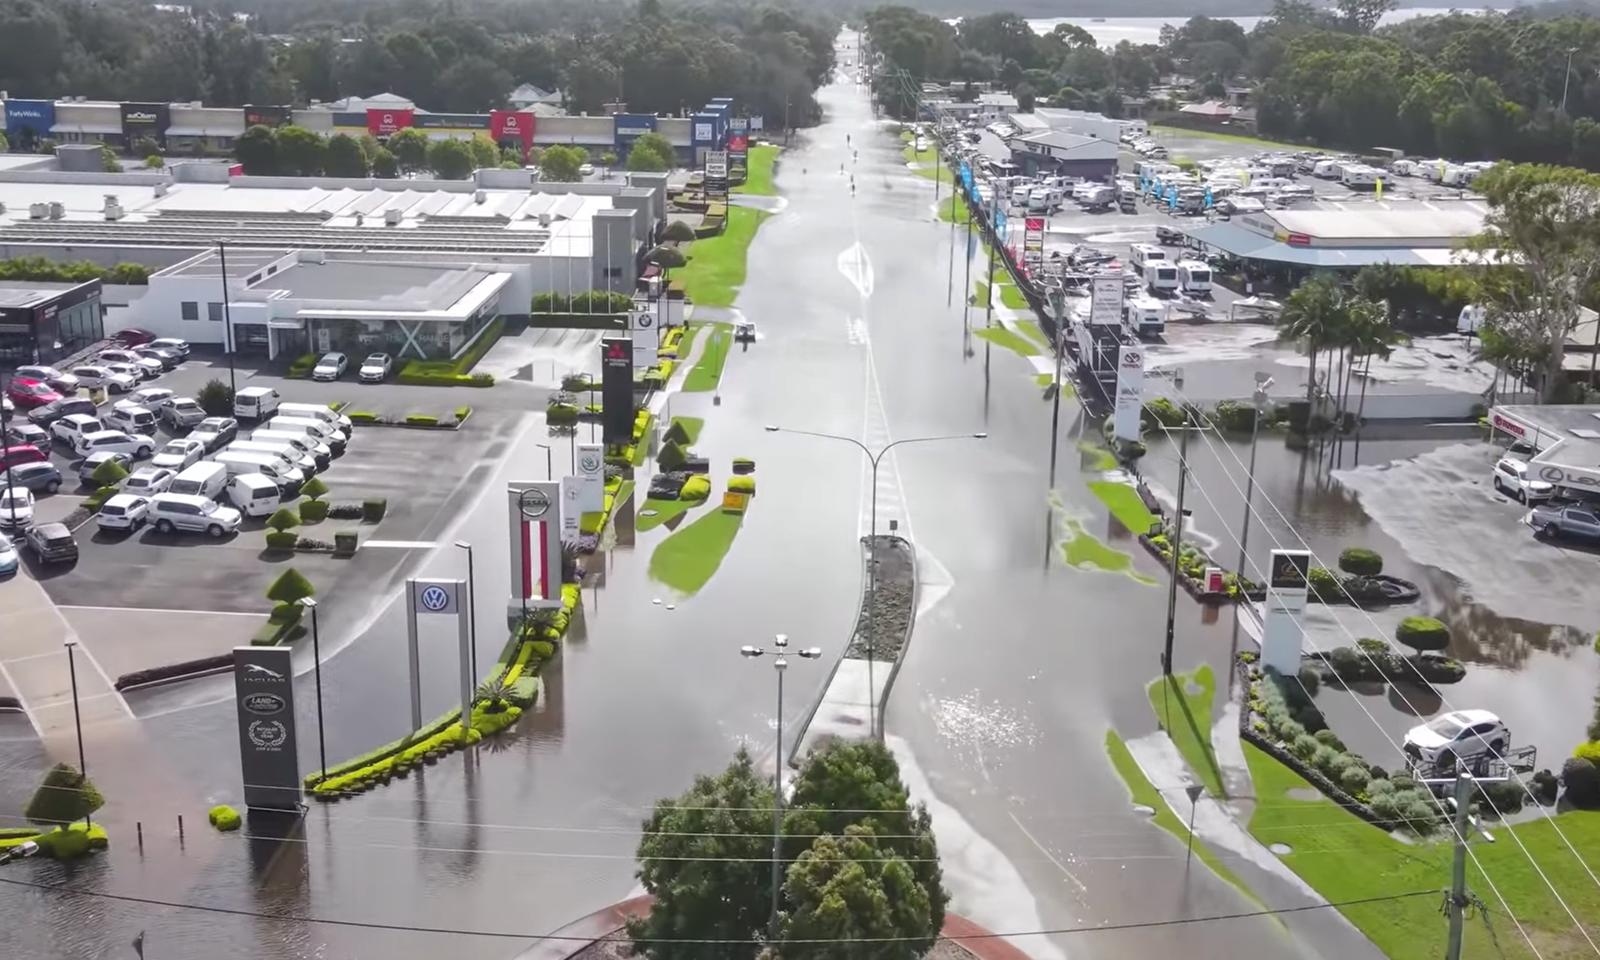 نیو ساؤتھ ویلز میں شدید بارشوں کے بعد آنے والے سیلاب سے بندرگاہ بھی ڈوبی ہوئی ہے— فوٹو: رائٹرز